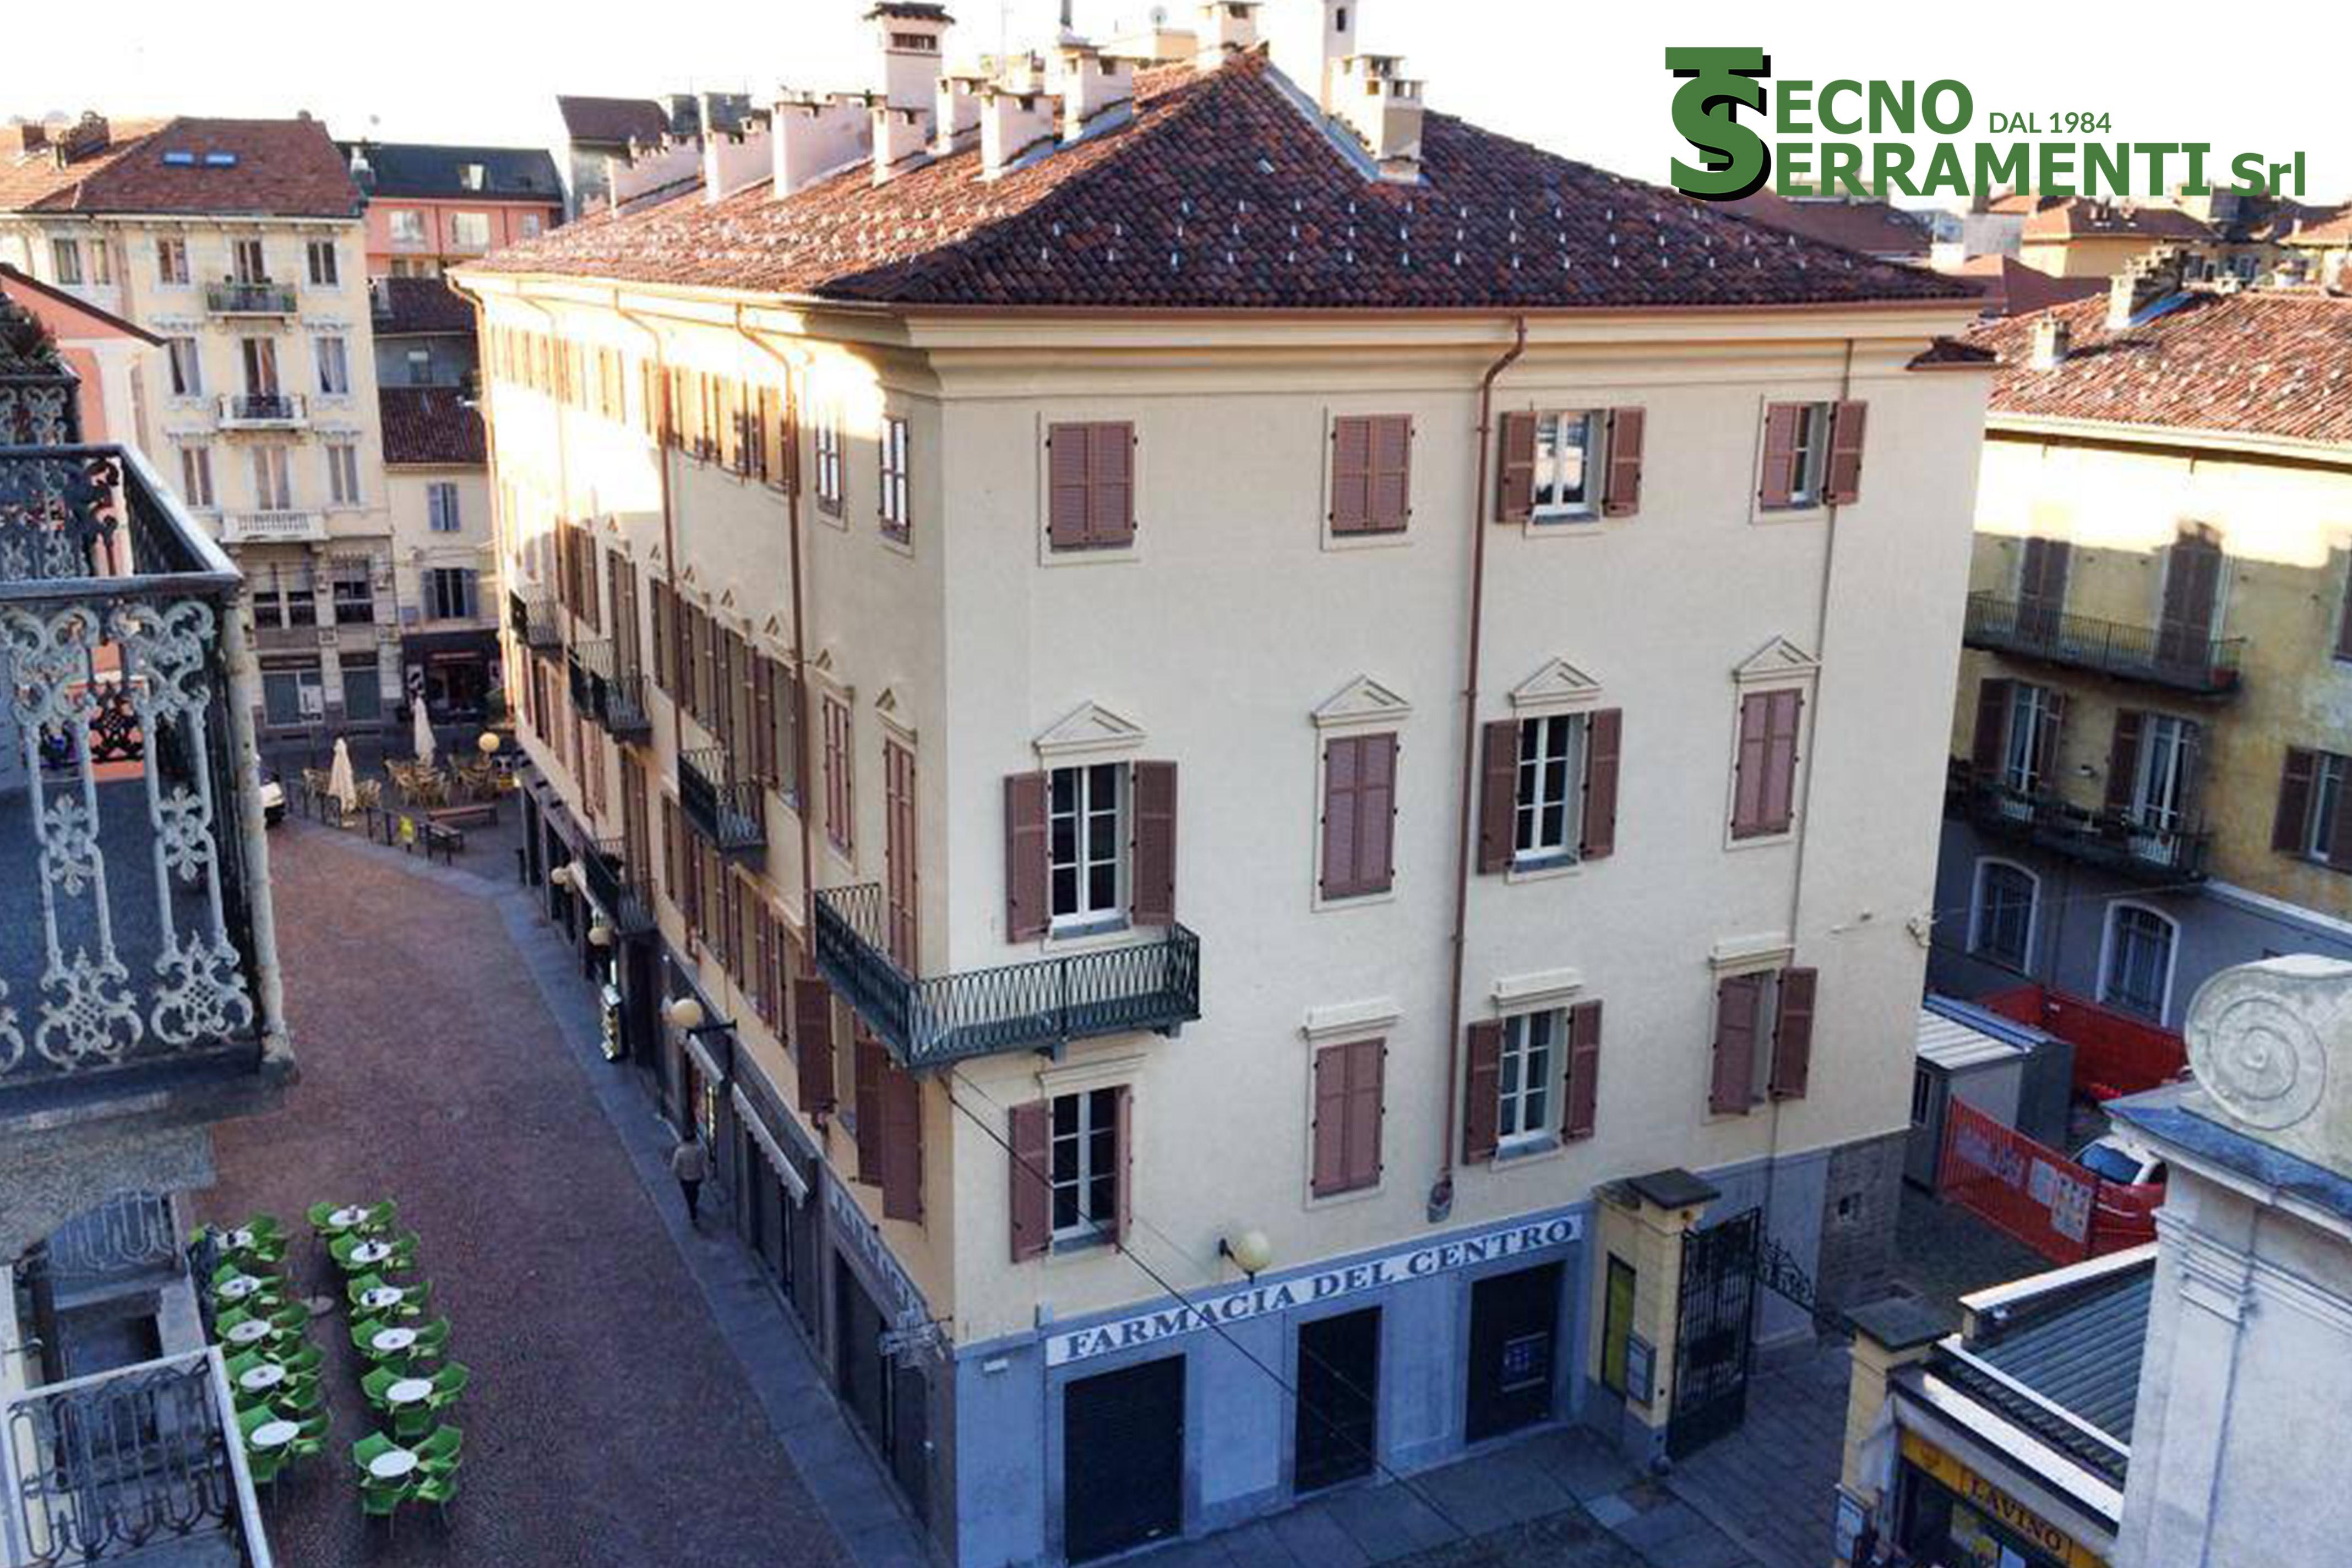 Palazzo storico privato: 150 serramenti in legno e persiane murare